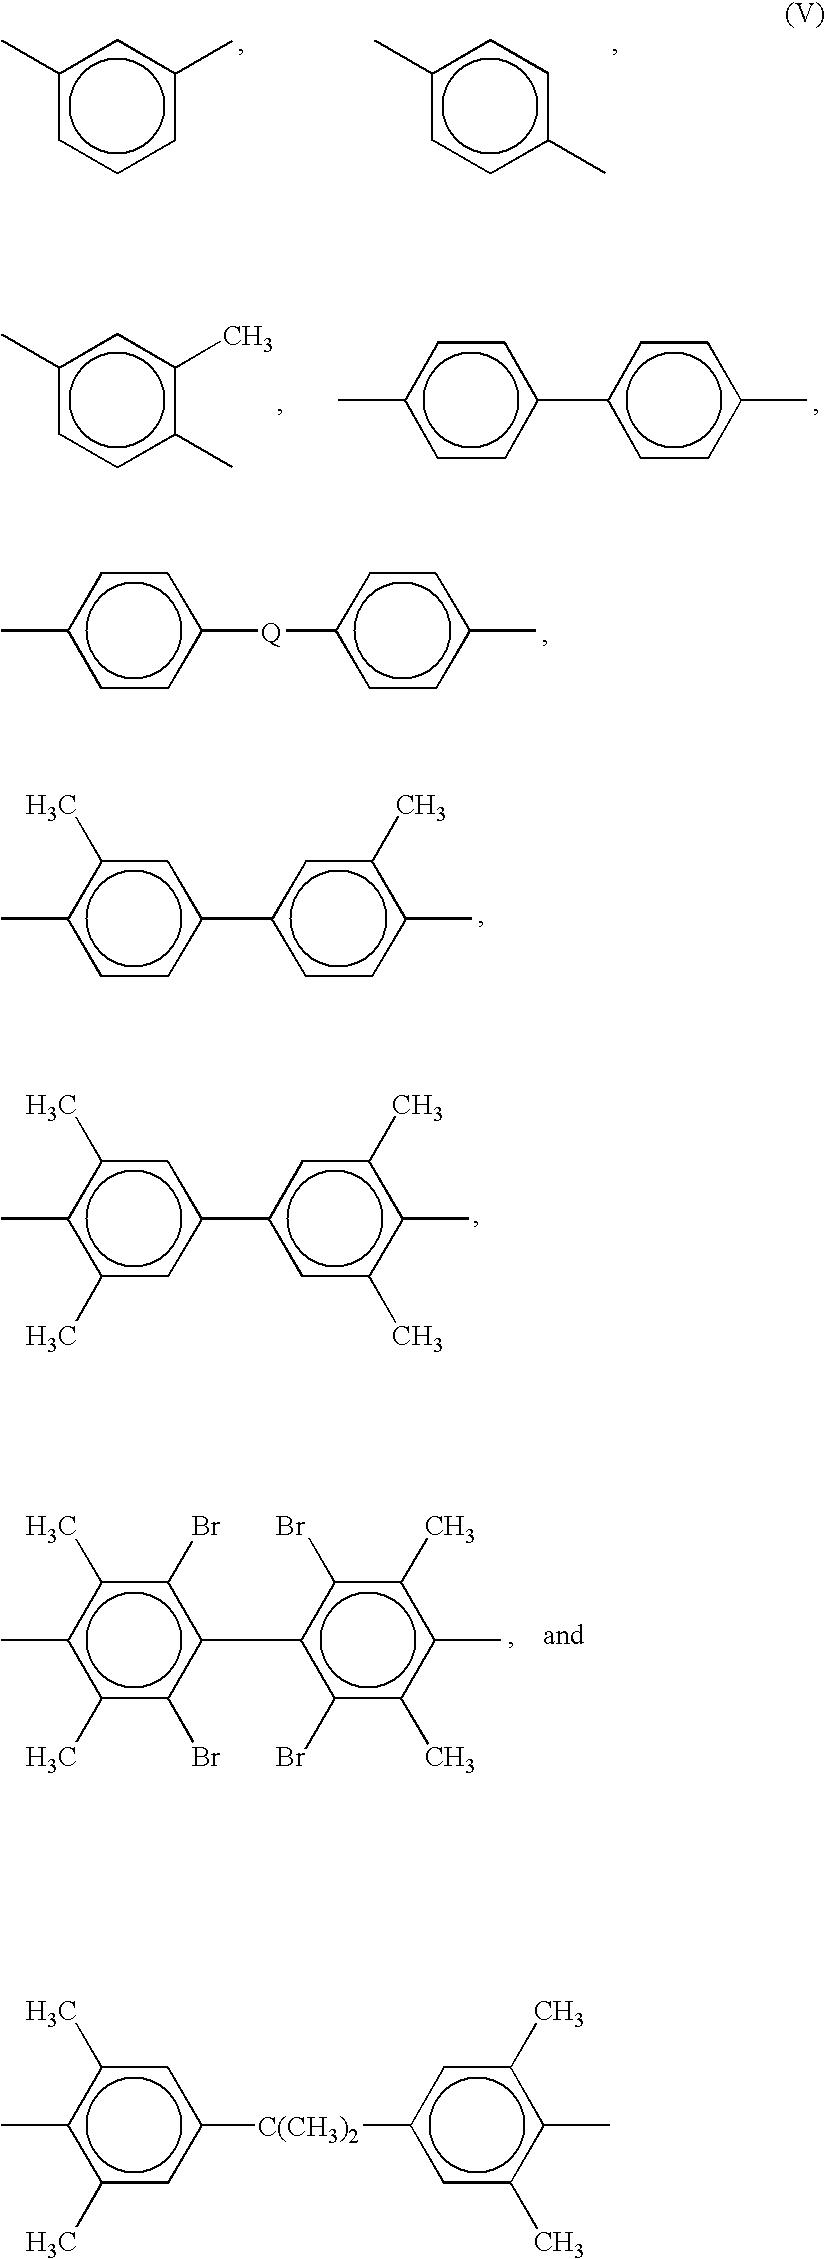 Figure US20070299215A1-20071227-C00006